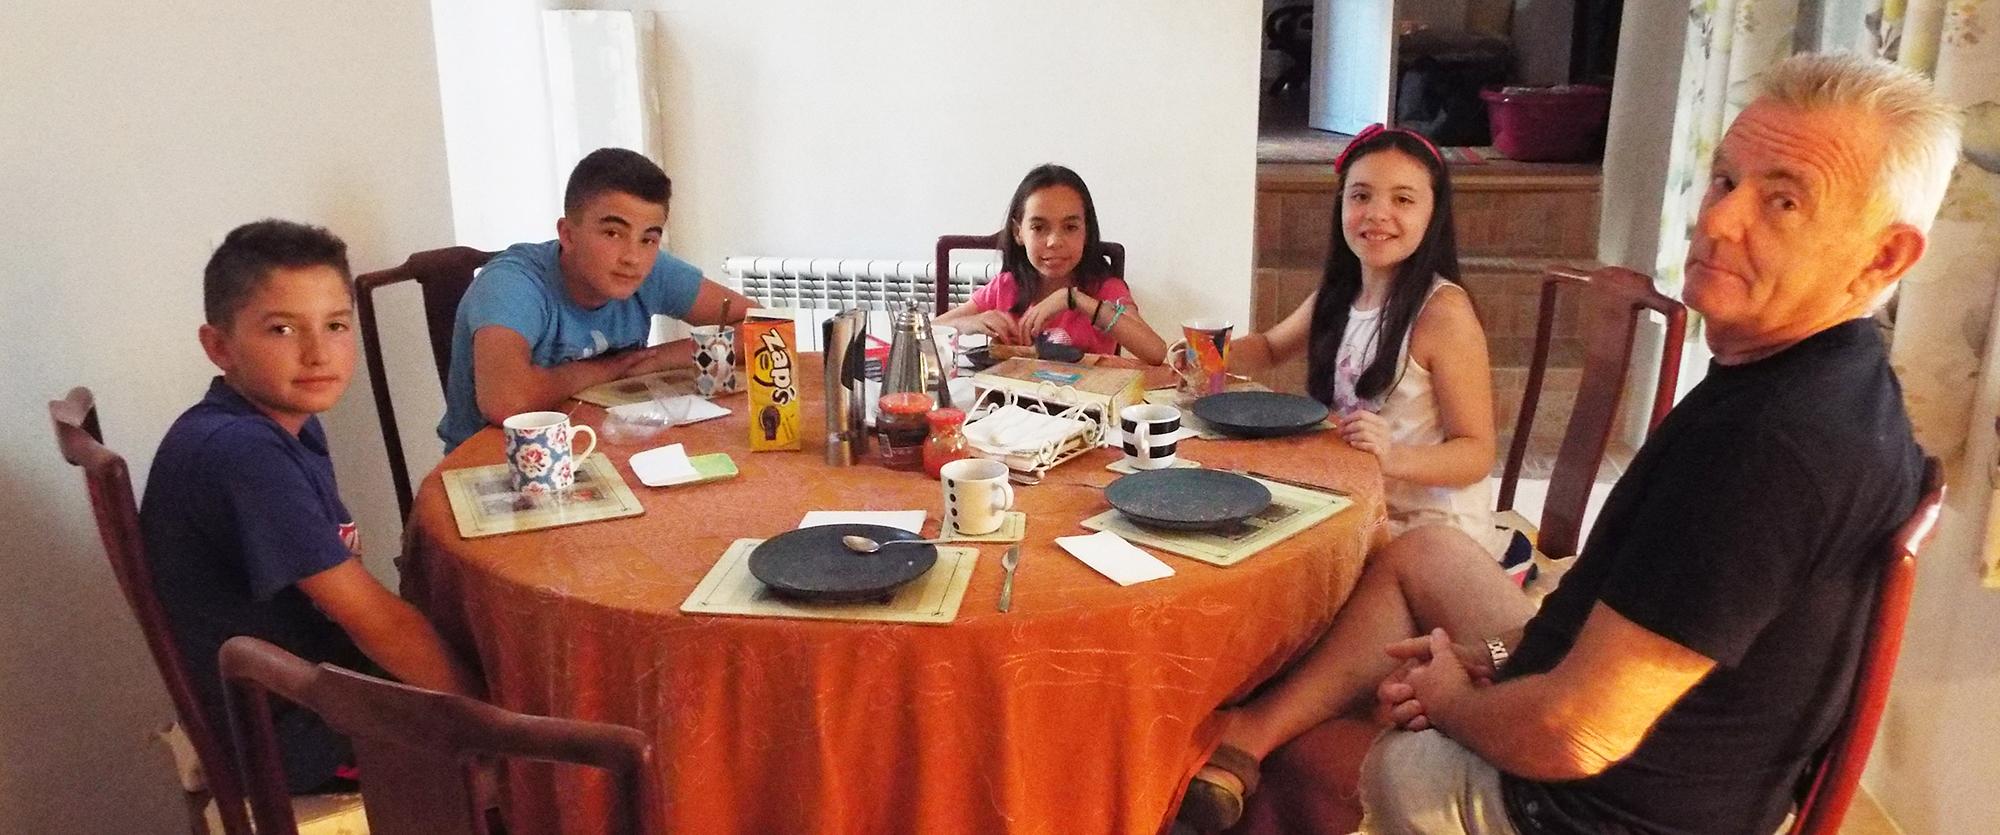 Alojamiento con familia inglesa Adolescentes